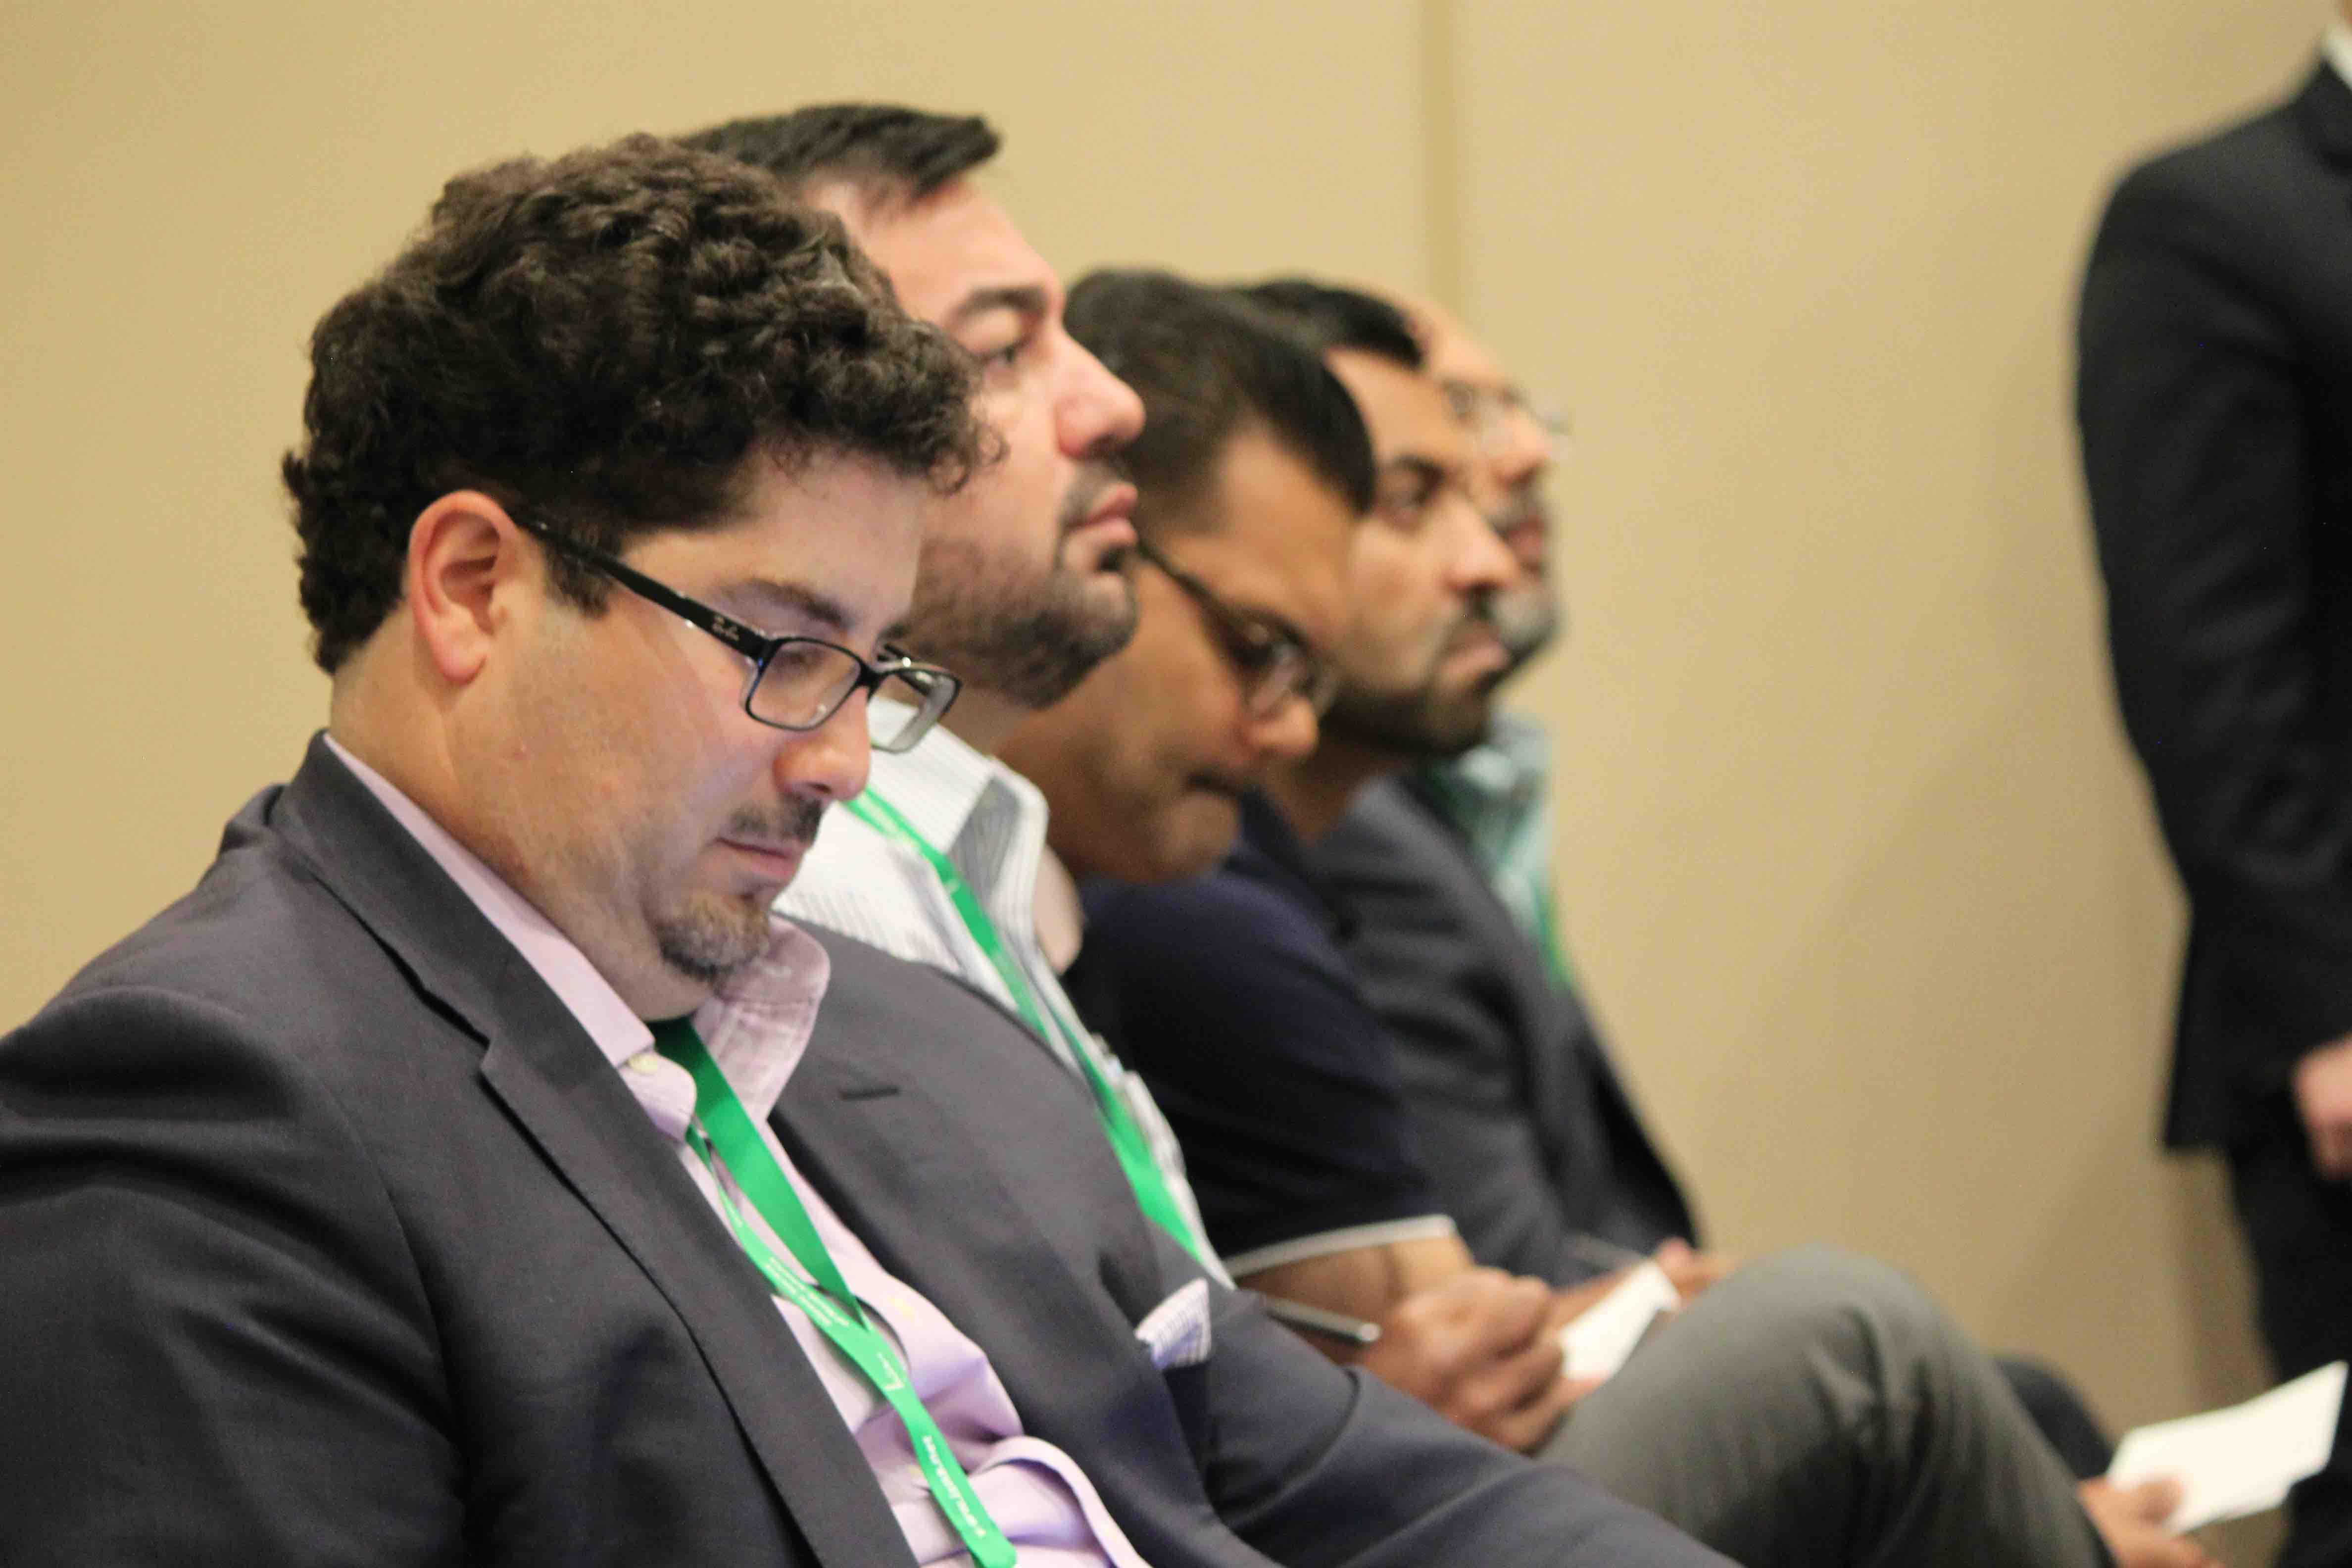 A group of men watching the debate